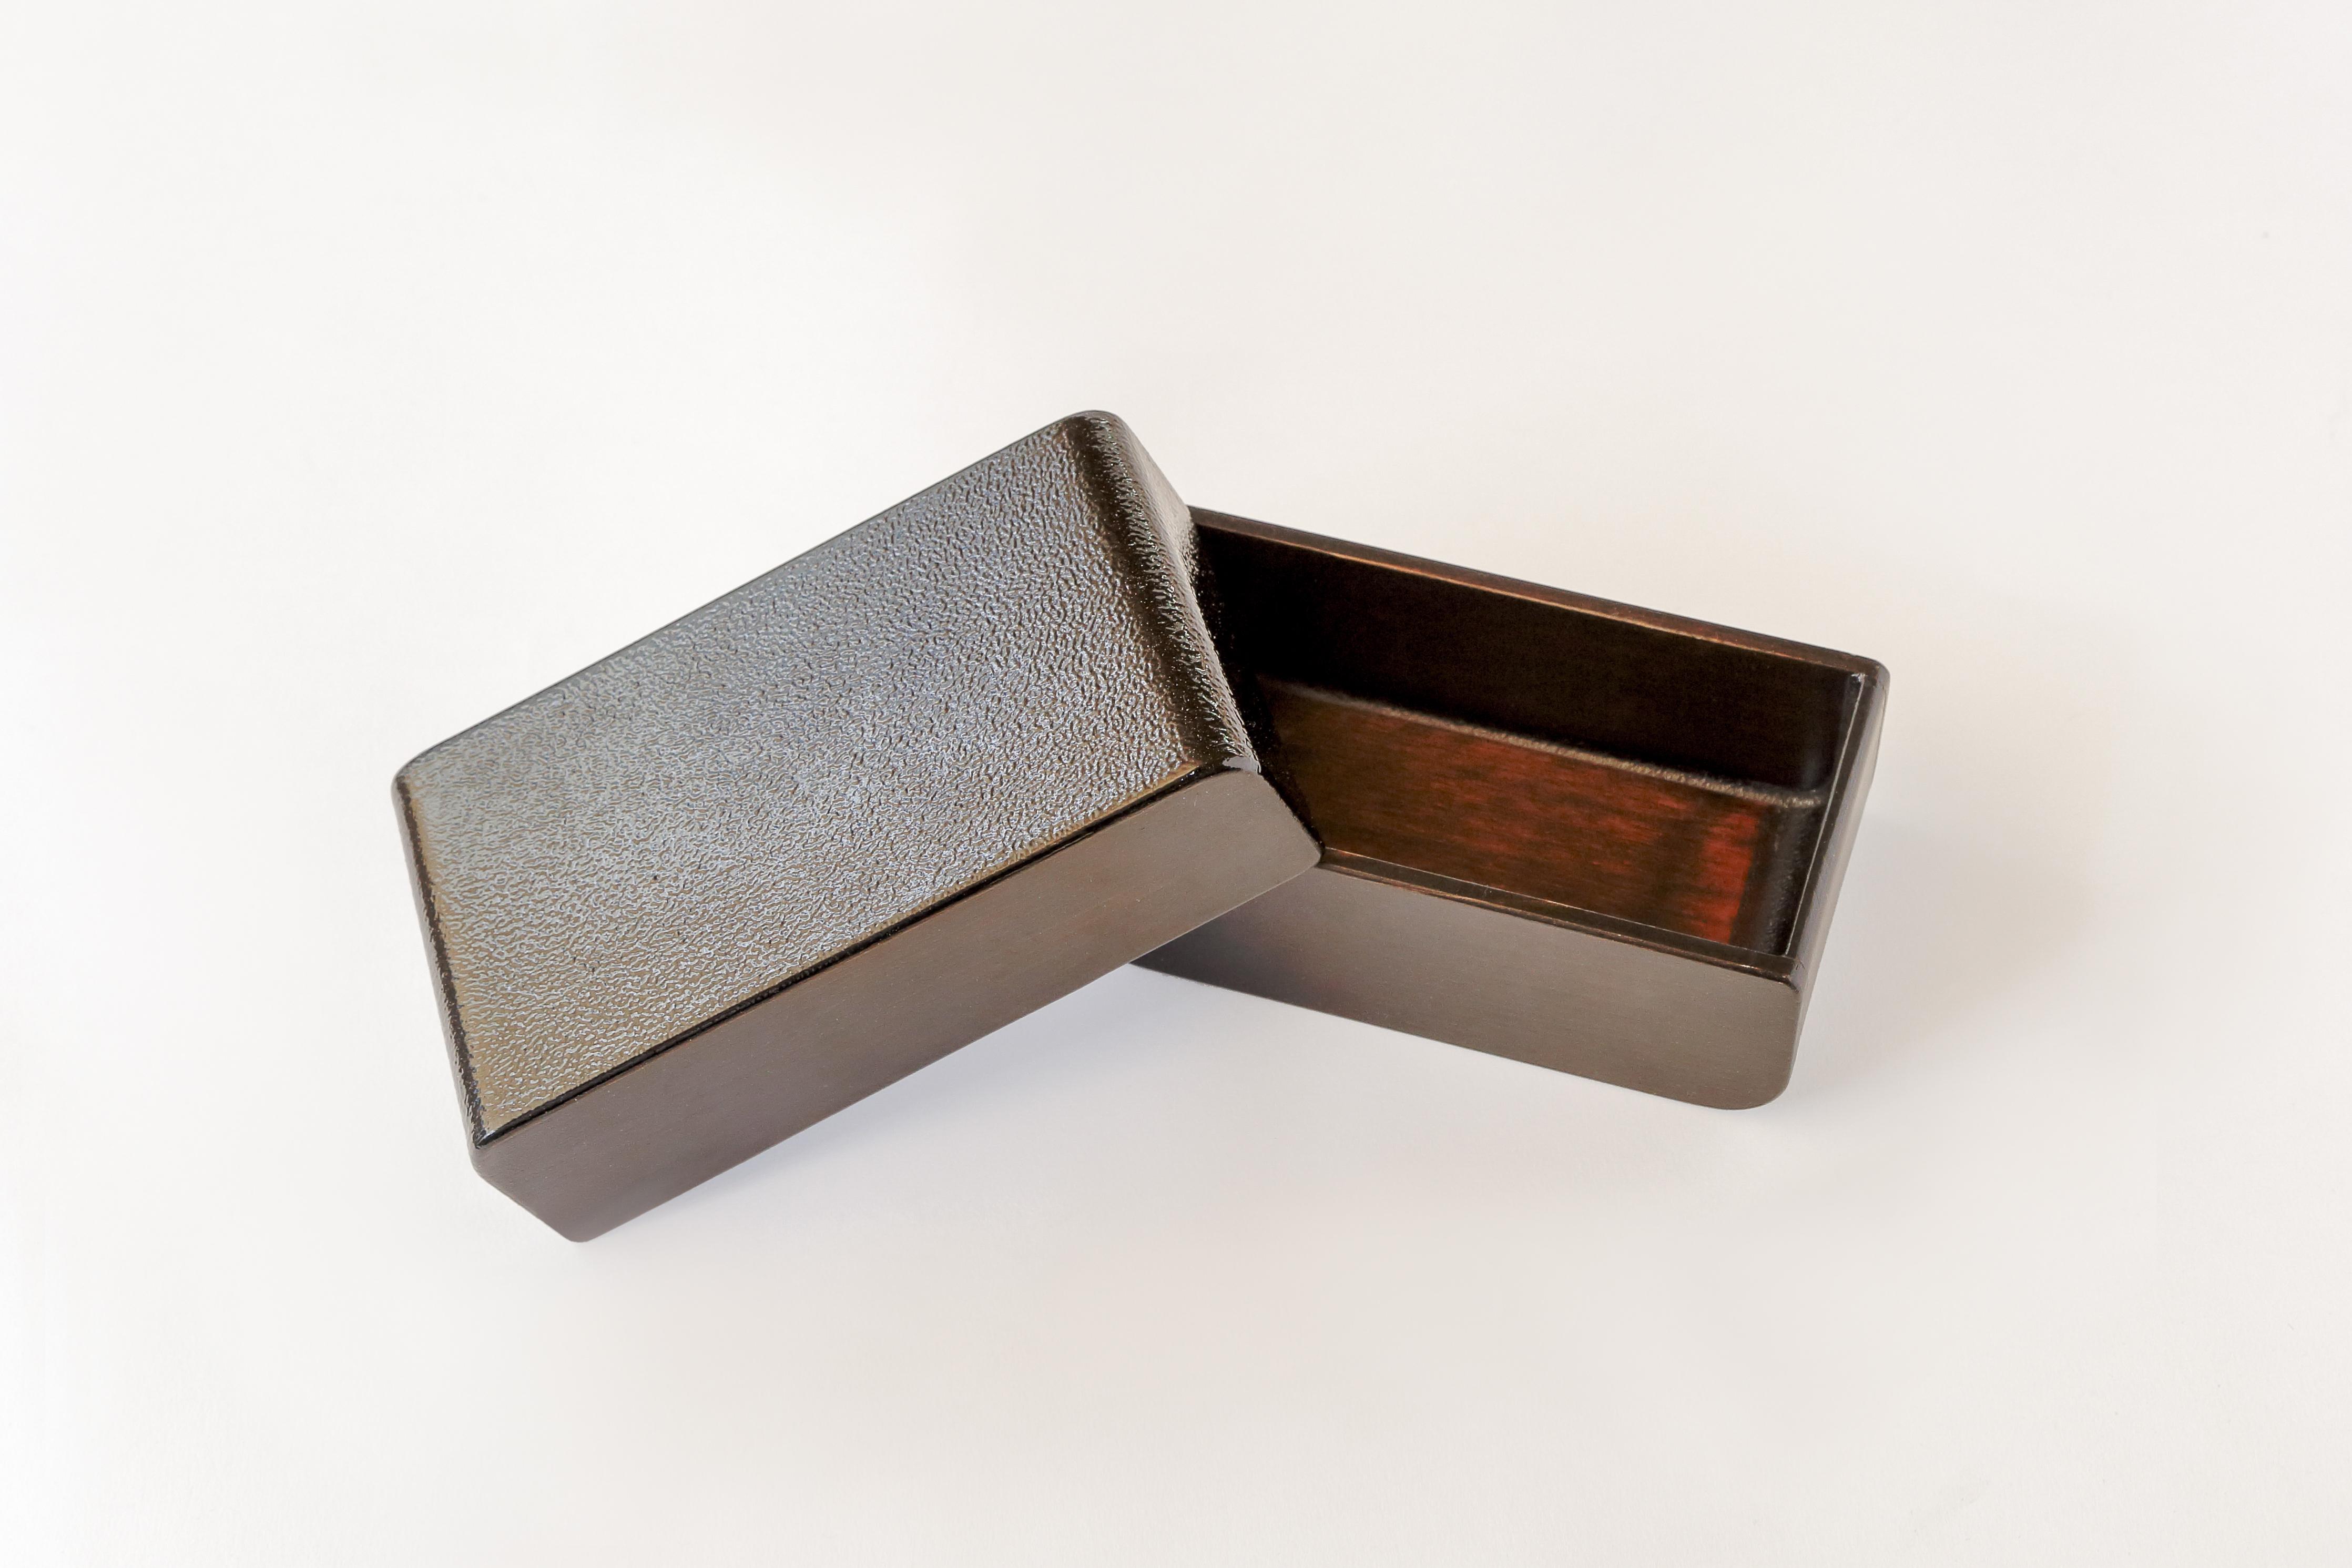 カブセル 弁当箱 黒漆たたき仕上げ(中)